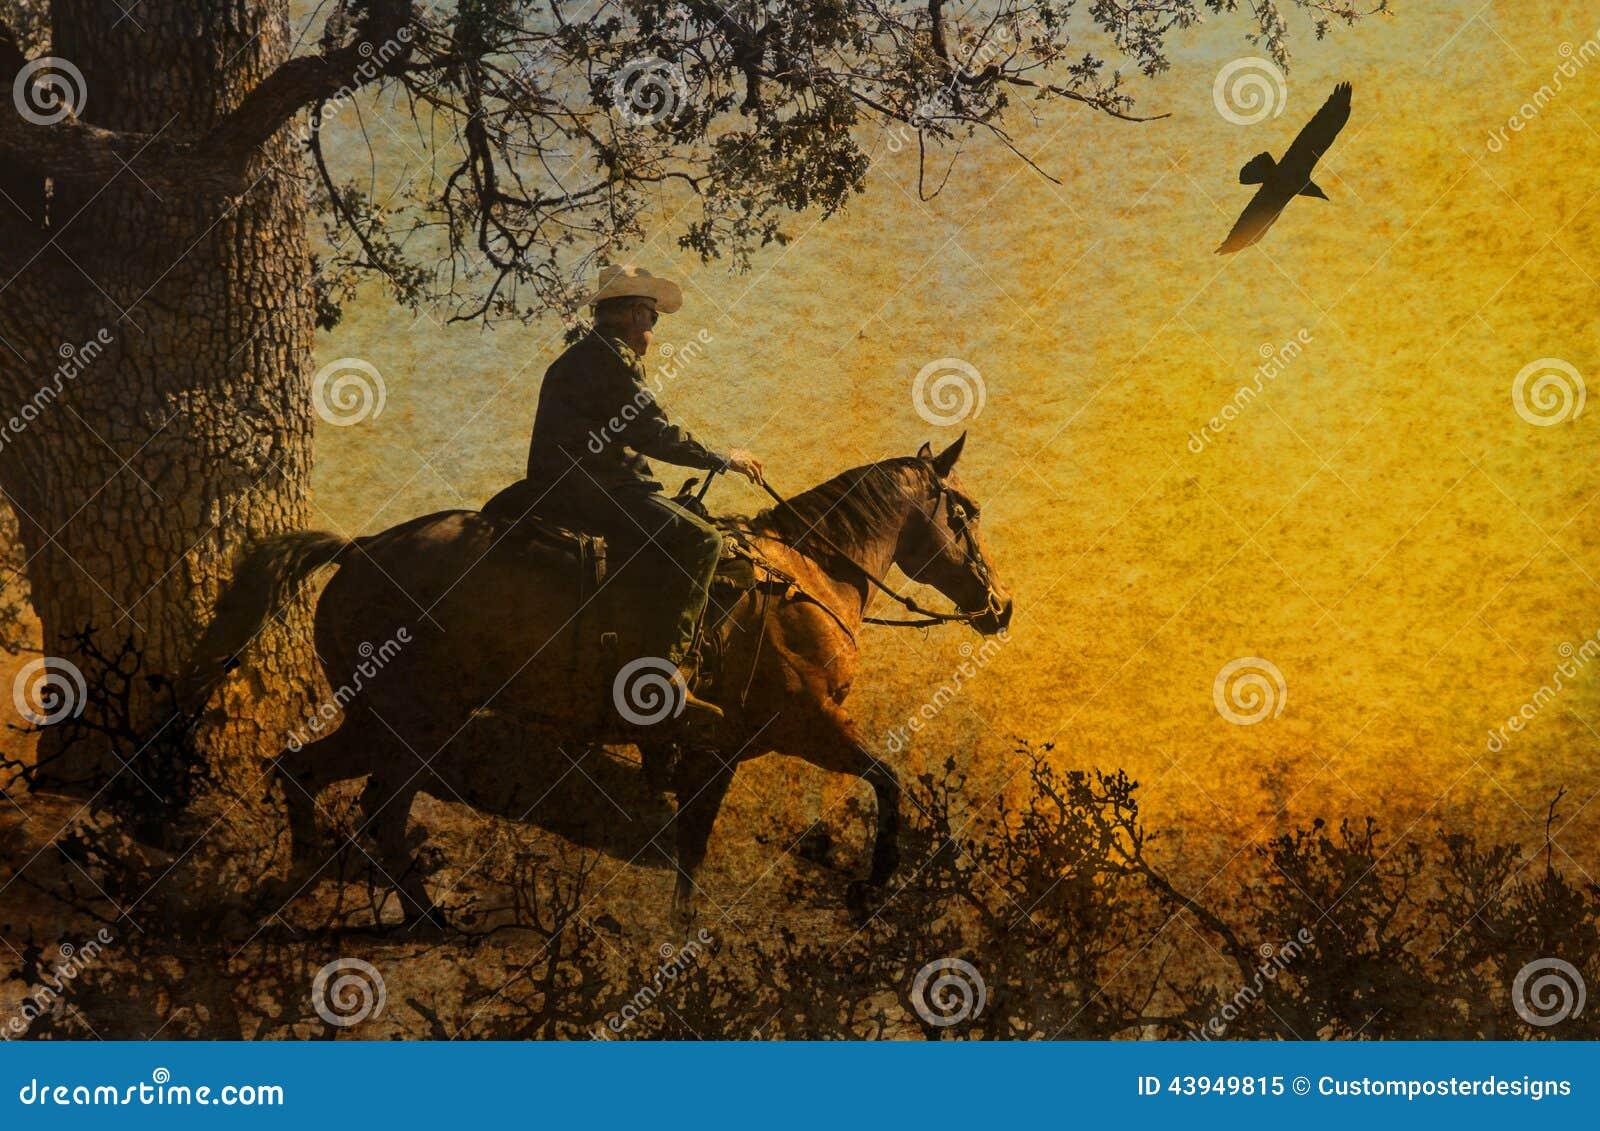 Een abstracte cowboy die op de bergen met bomen, kraaien hierboven en een geweven waterverf gele achtergrond die vliegen berijden